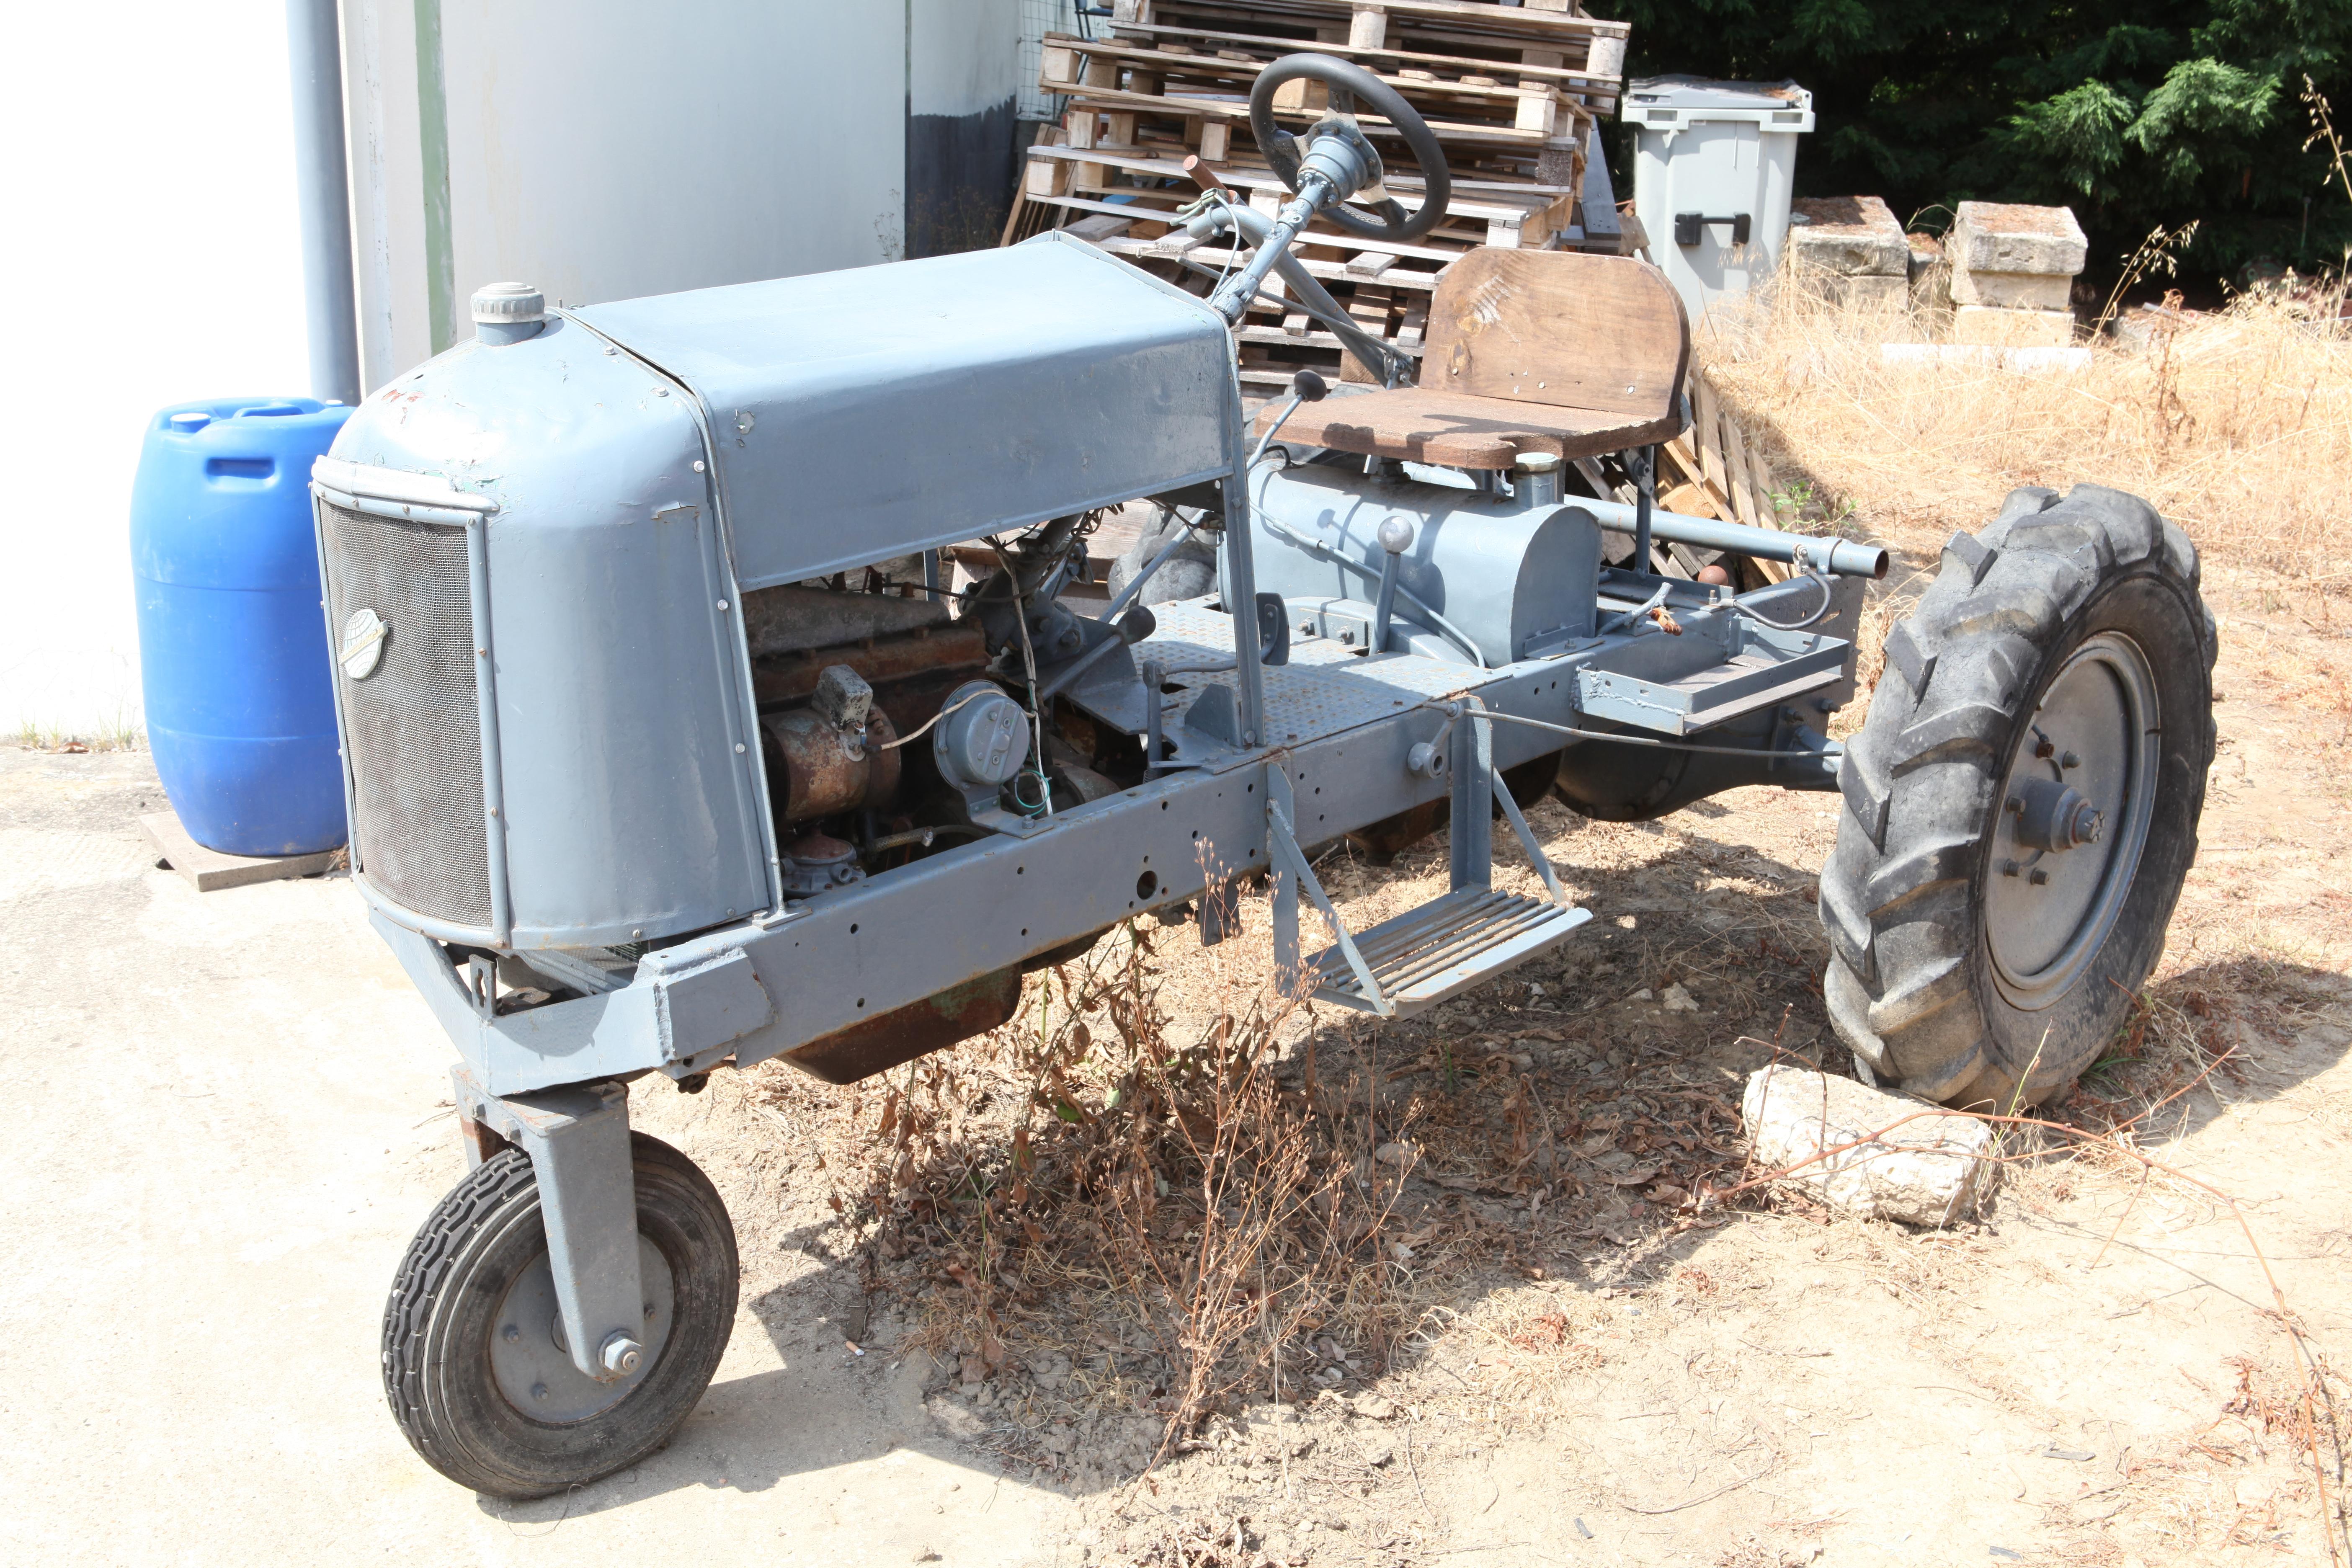 15 3 Tractor Wheels : File old wheel tractor flickr joost j bakker